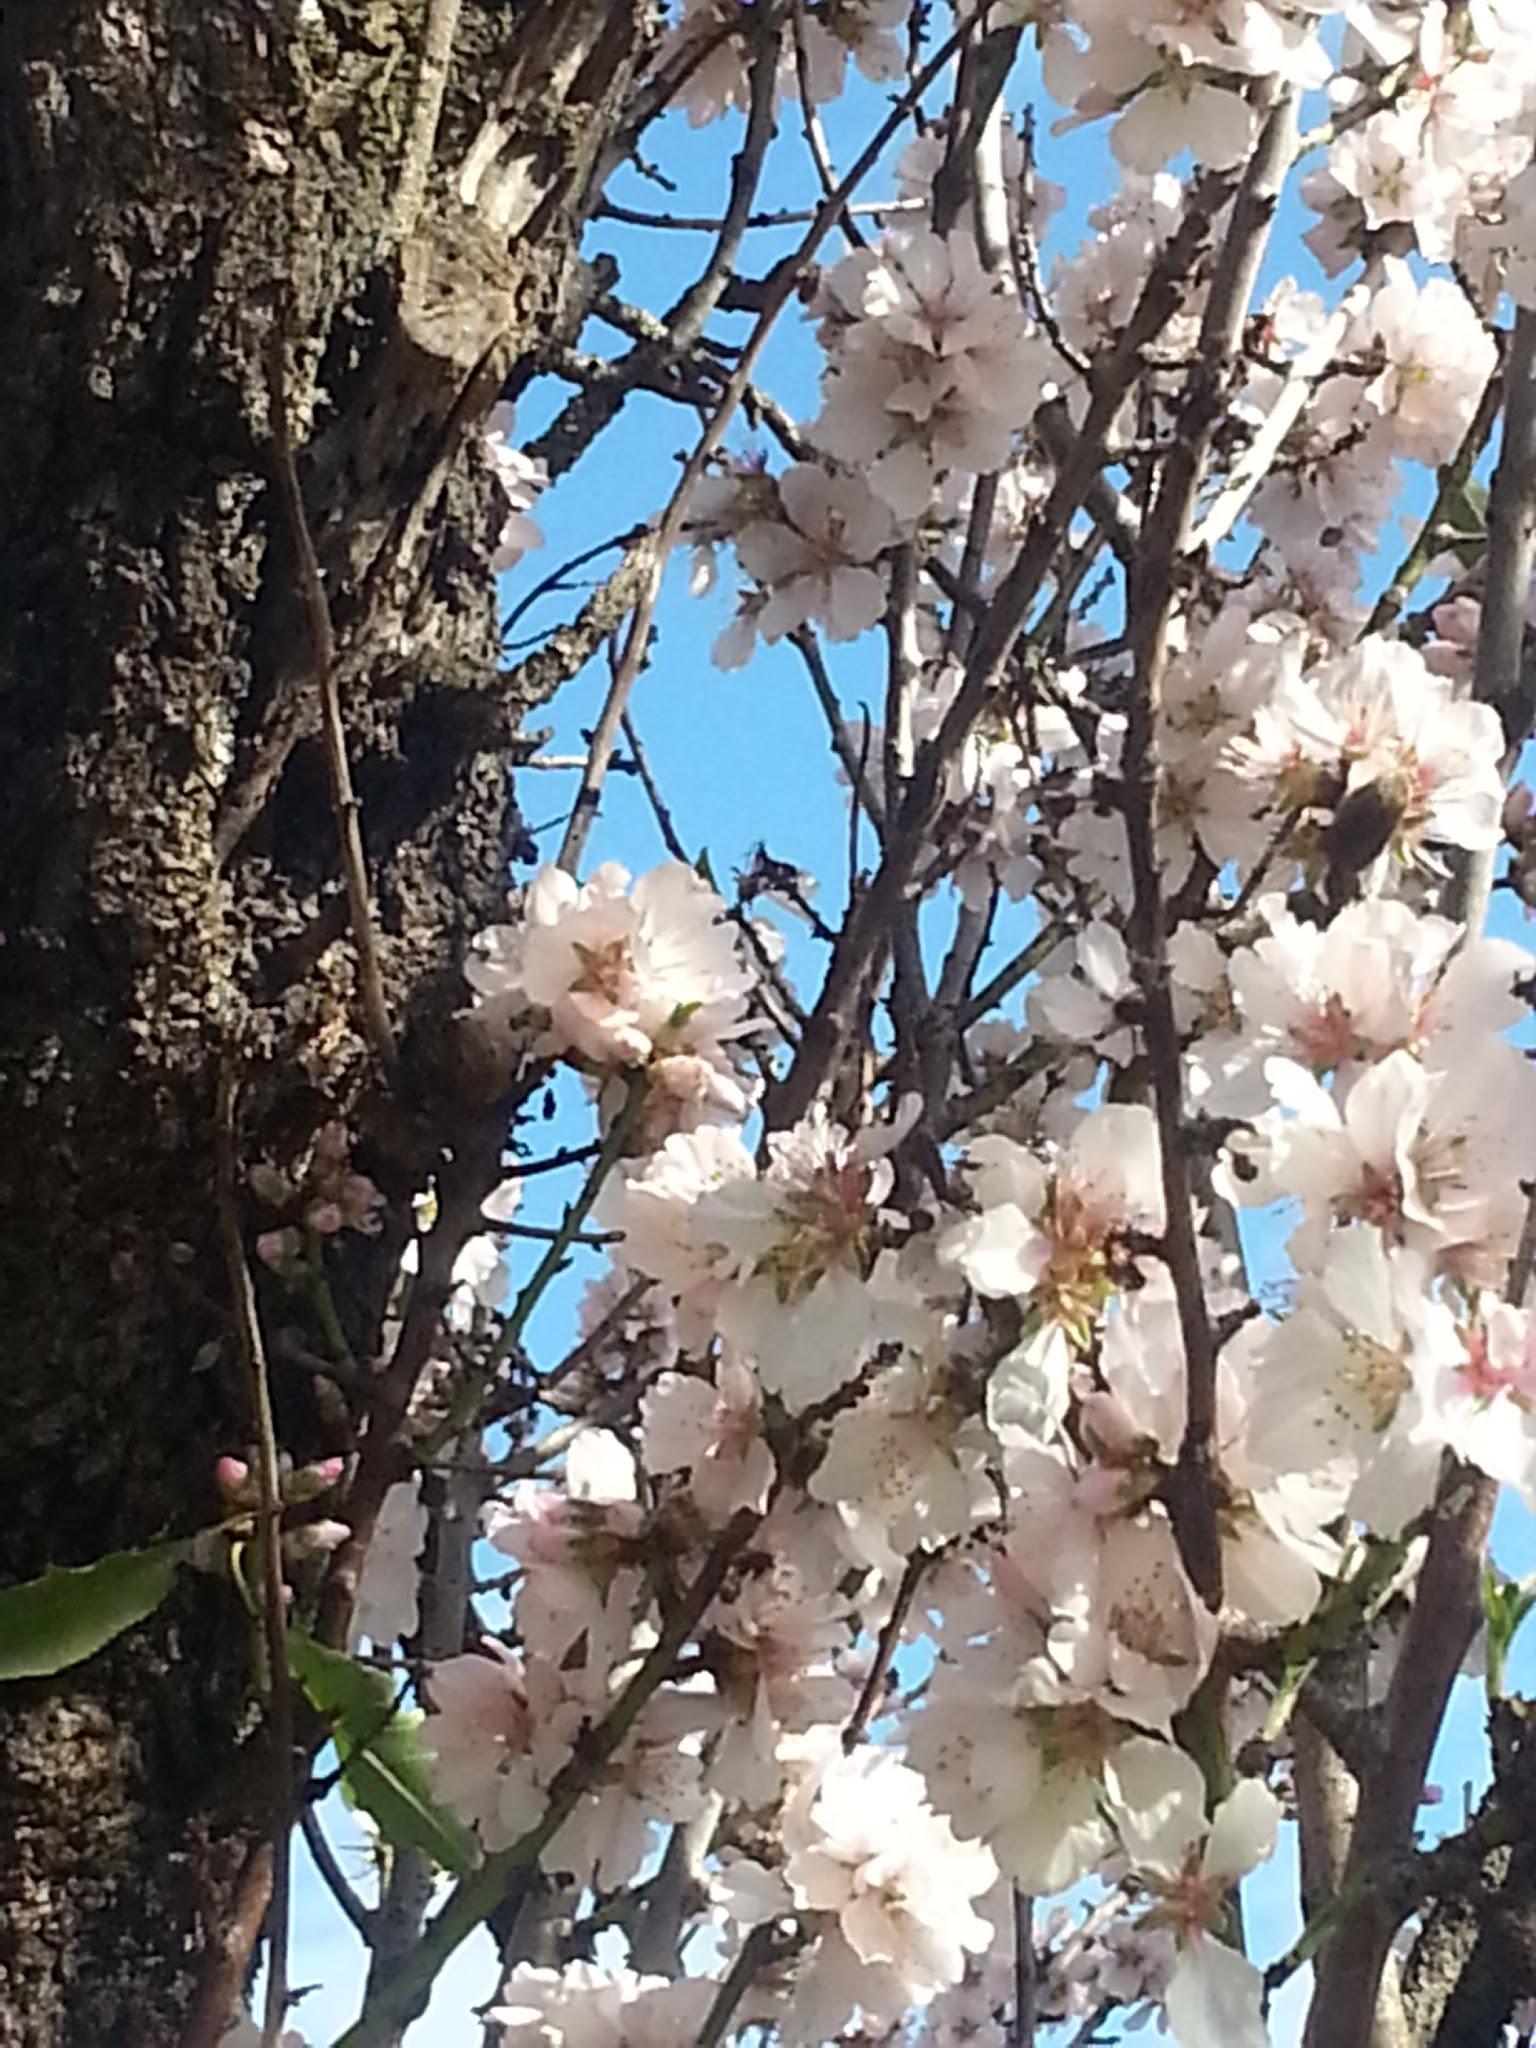 Blossom on Giles Rd, WIllunga Almond Blossom Festival 2013